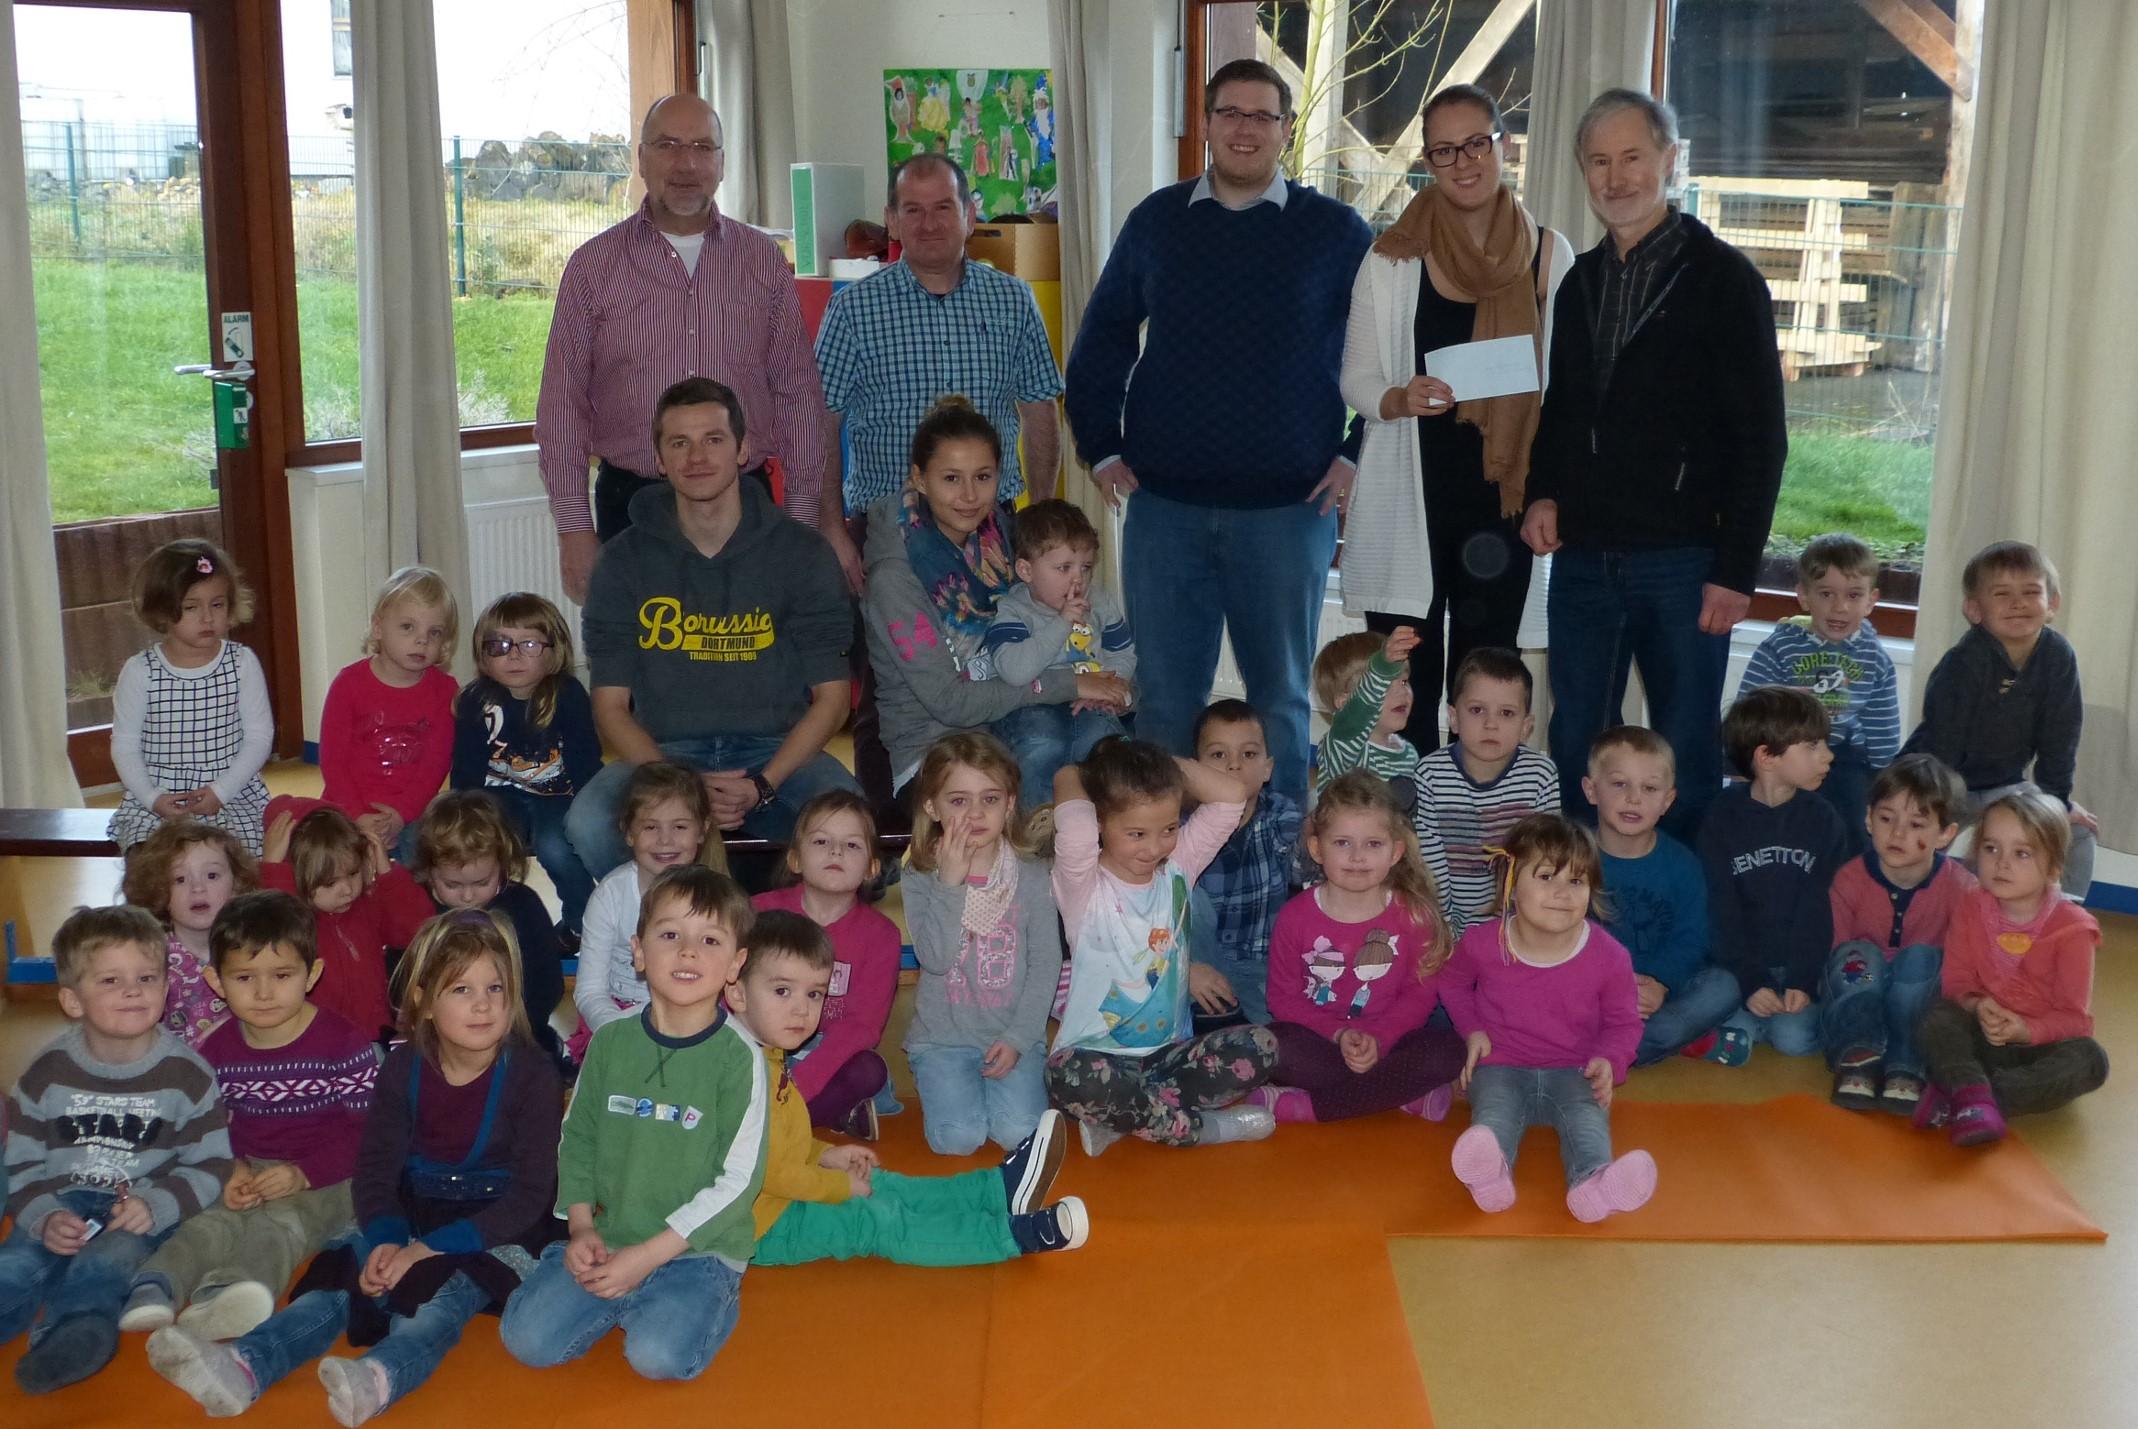 Kath. Familienzentrum St. Johannes d.T. Lammersdorf (Foto: Karl-Heinz Hoffmann), v.l. hinten: Manfred Sawallich, Peter Falter, Christoph Vormstein, Franz-Josef Hammelstein (alle SPD Lammersdorf), Fr. Schniedermeier (Kath. Familienzentrum)